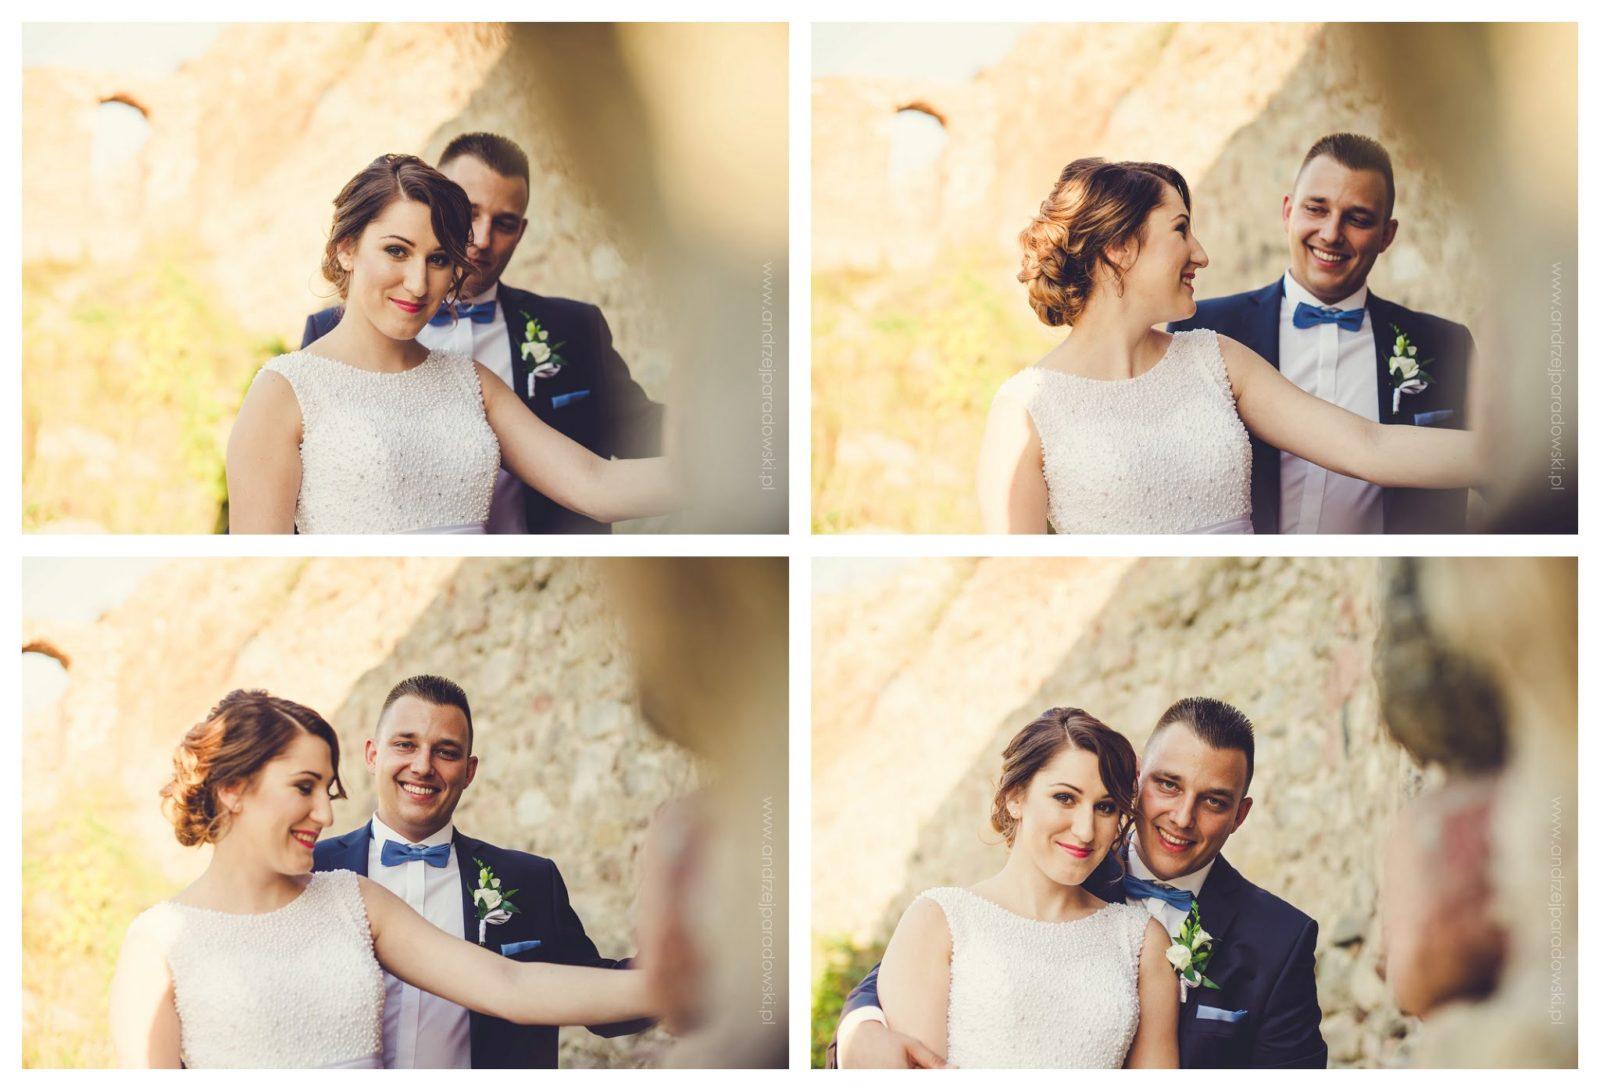 fotograf slubny wloclawek 37 - Ślub w Bobrownikach